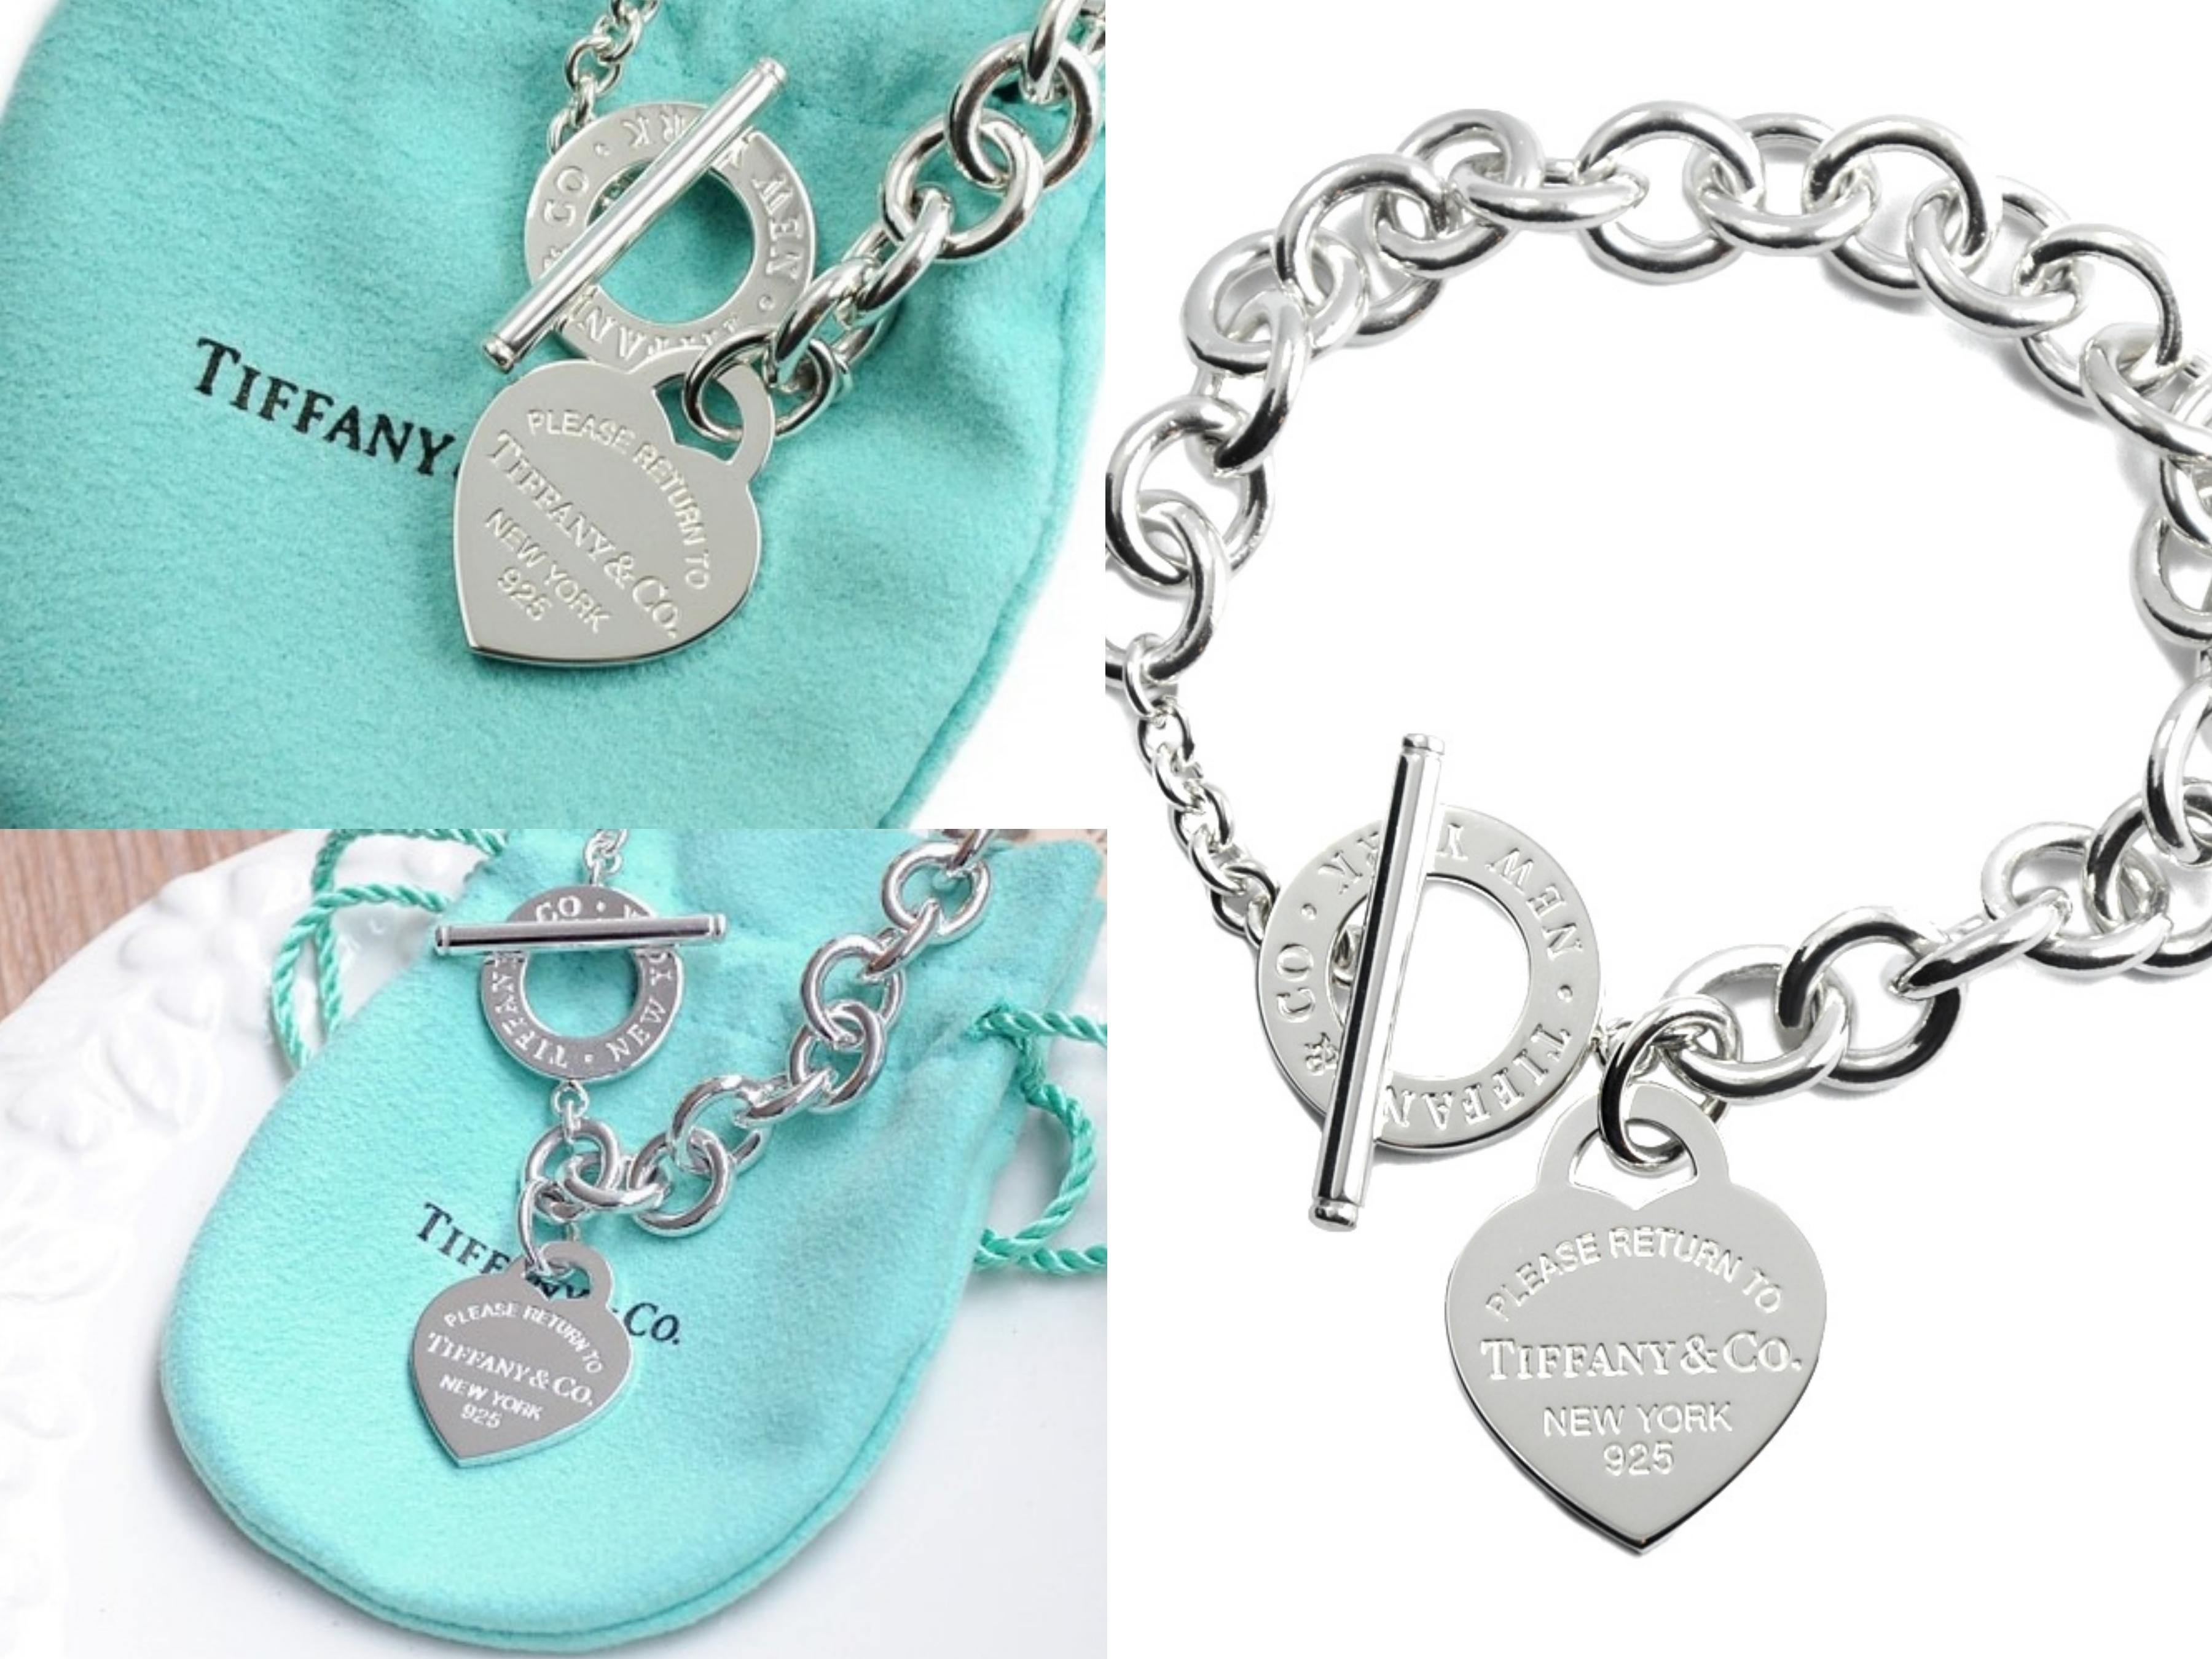 經典刻字愛心純銀T字扣手鍊,絕對是Tiffany愛好者的入門款